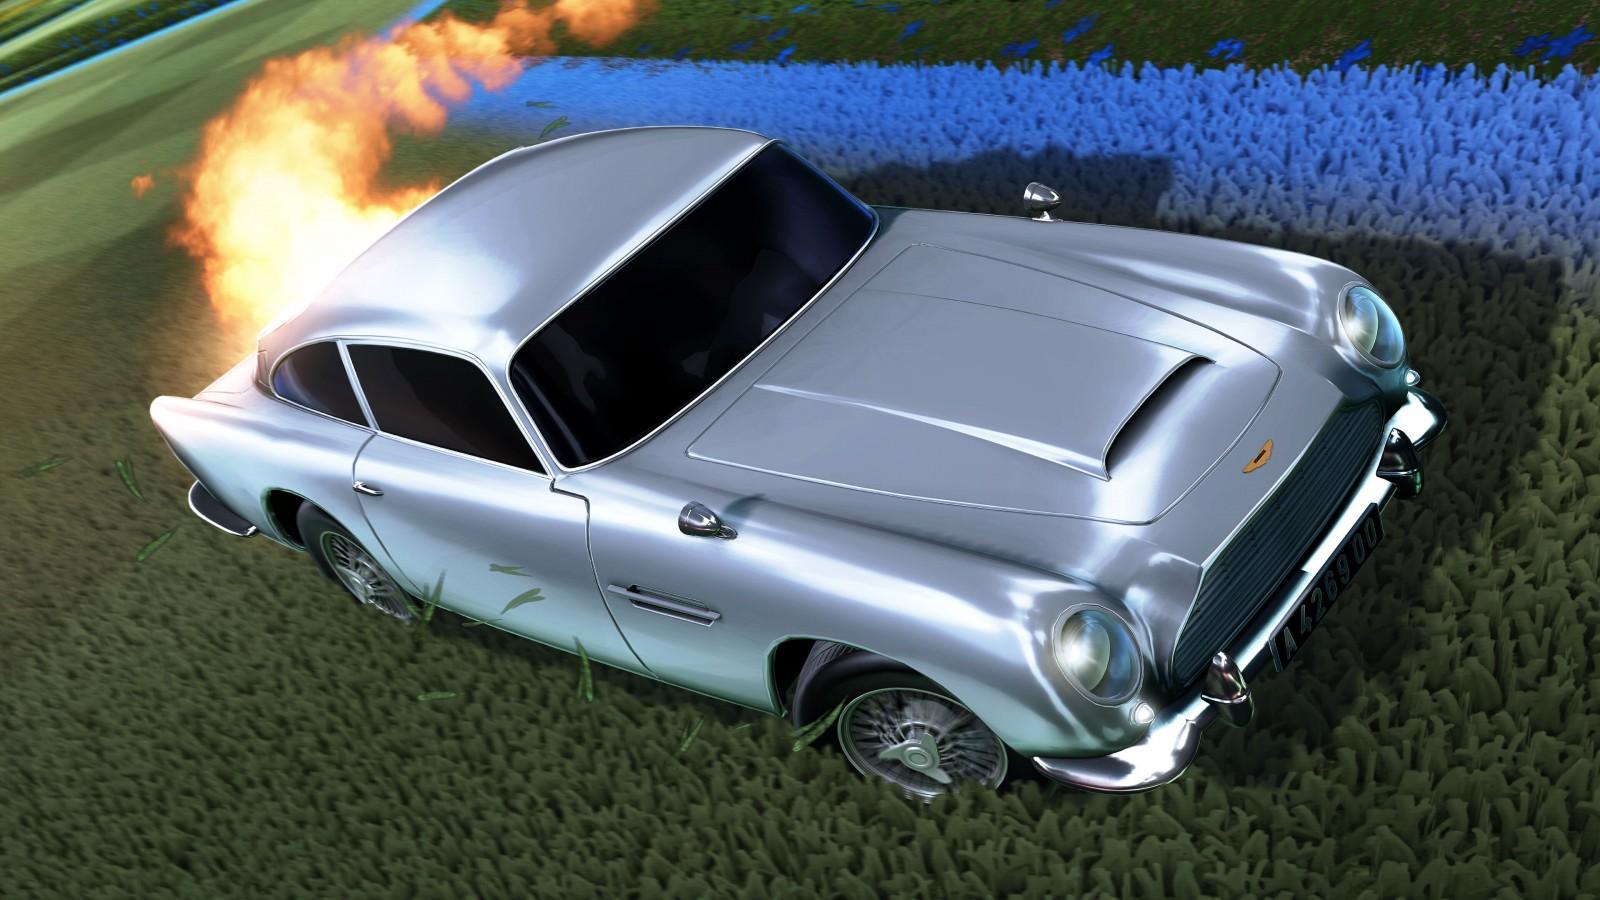 Rocket League tendrá colaboración con el 007 1